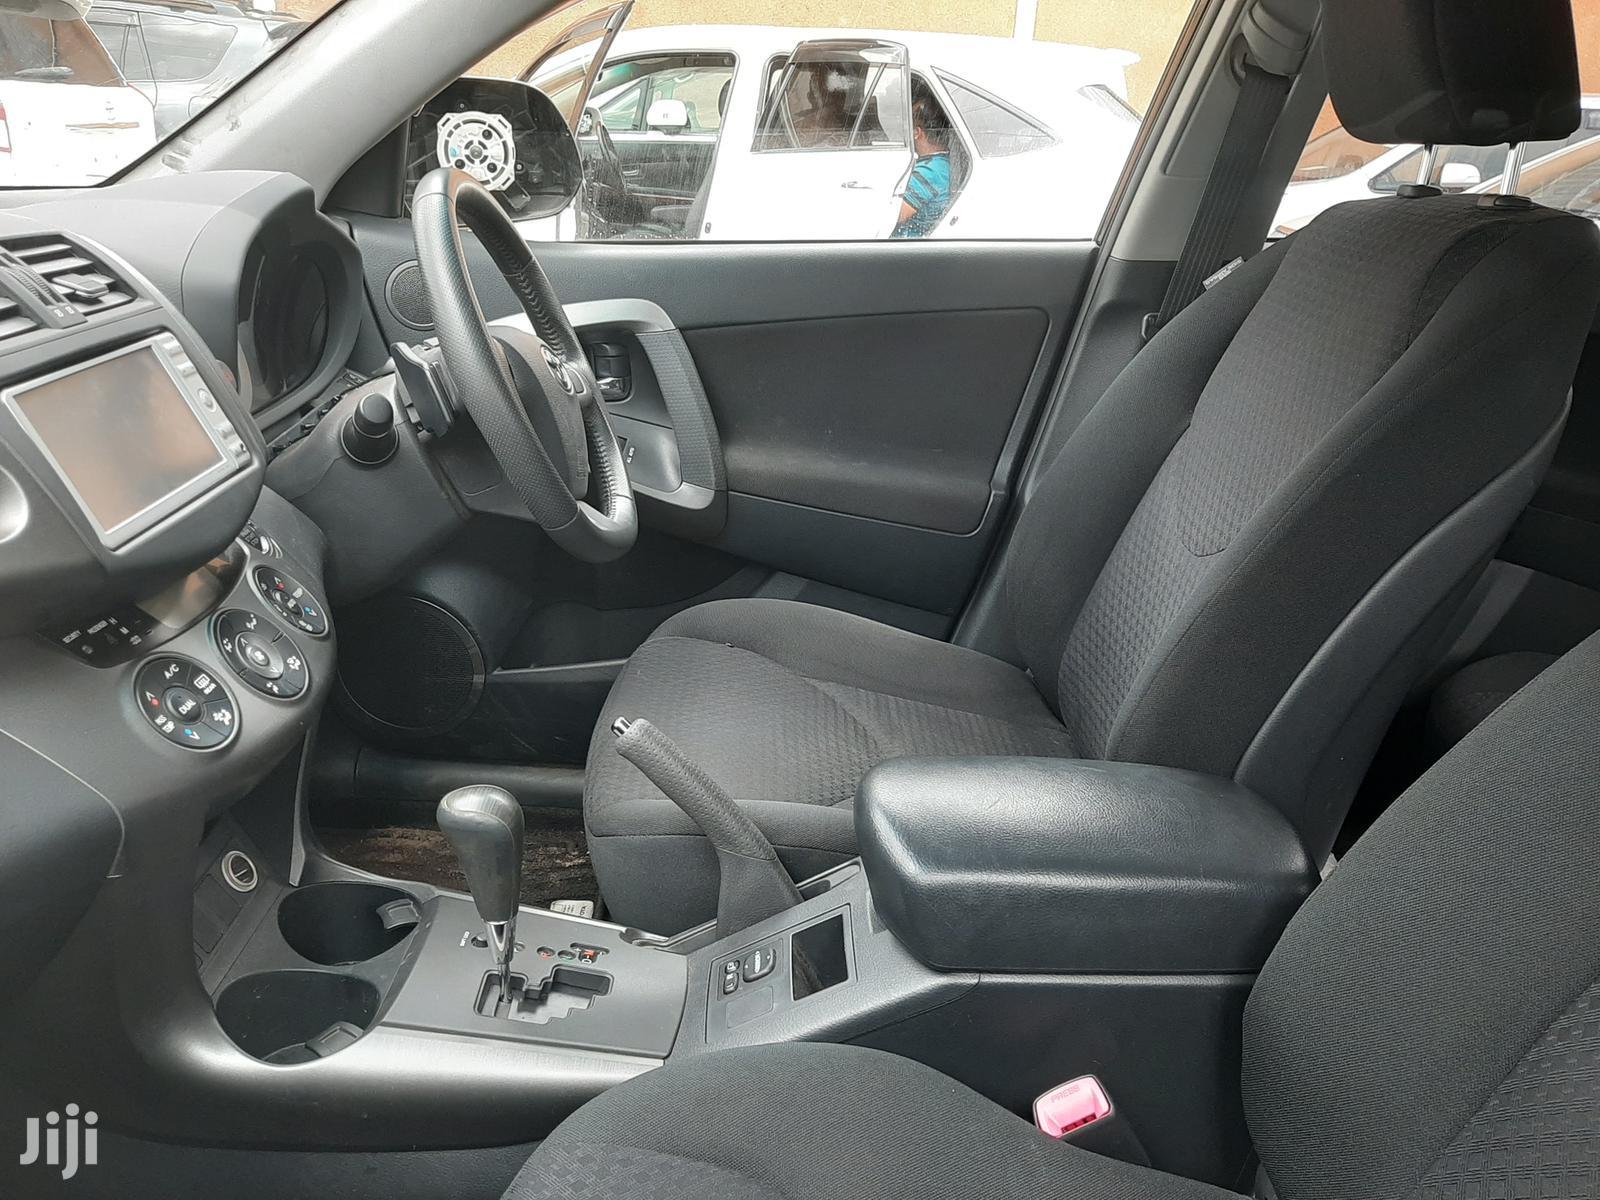 Archive: Toyota Vanguard 2010